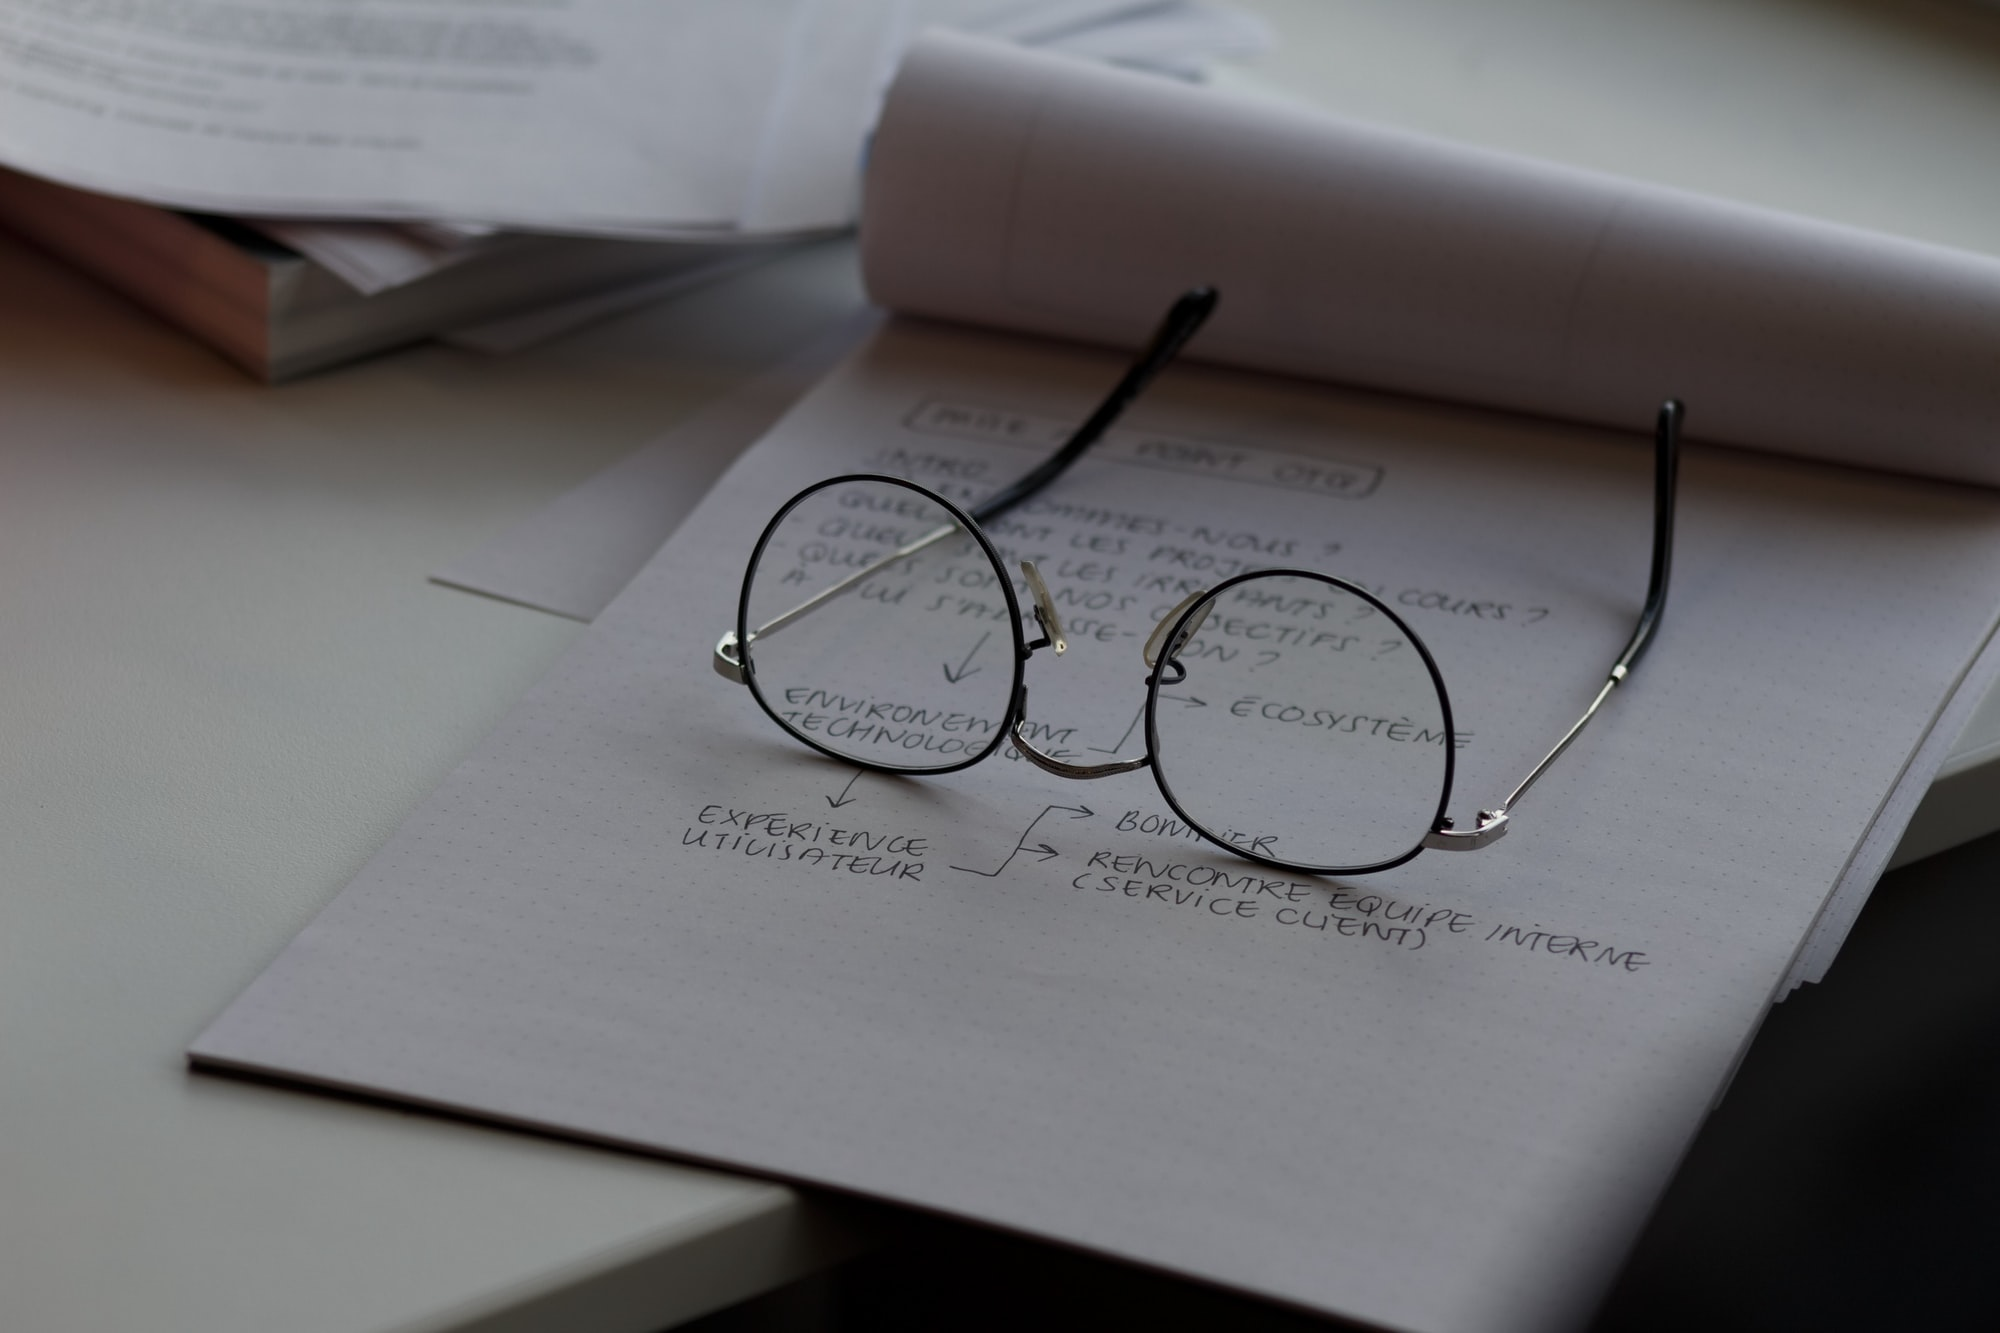 La dificultad de delegar documentación